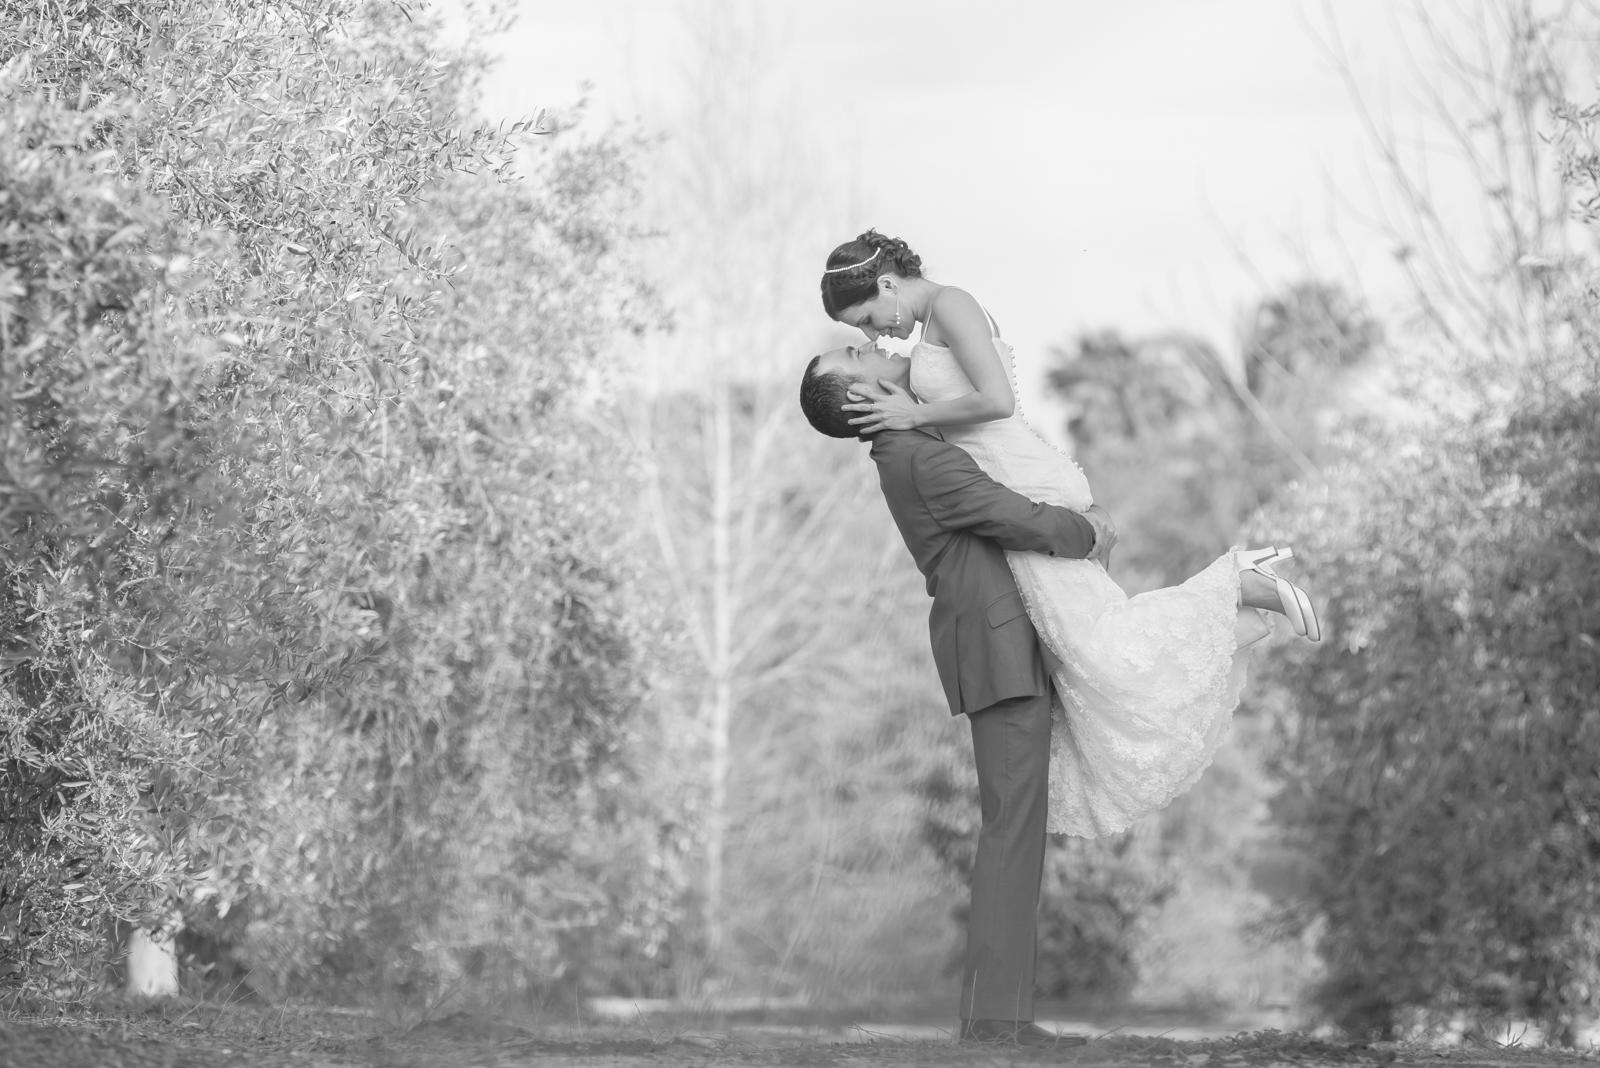 צלם לחתונה צילום חתונה-1003.jpg